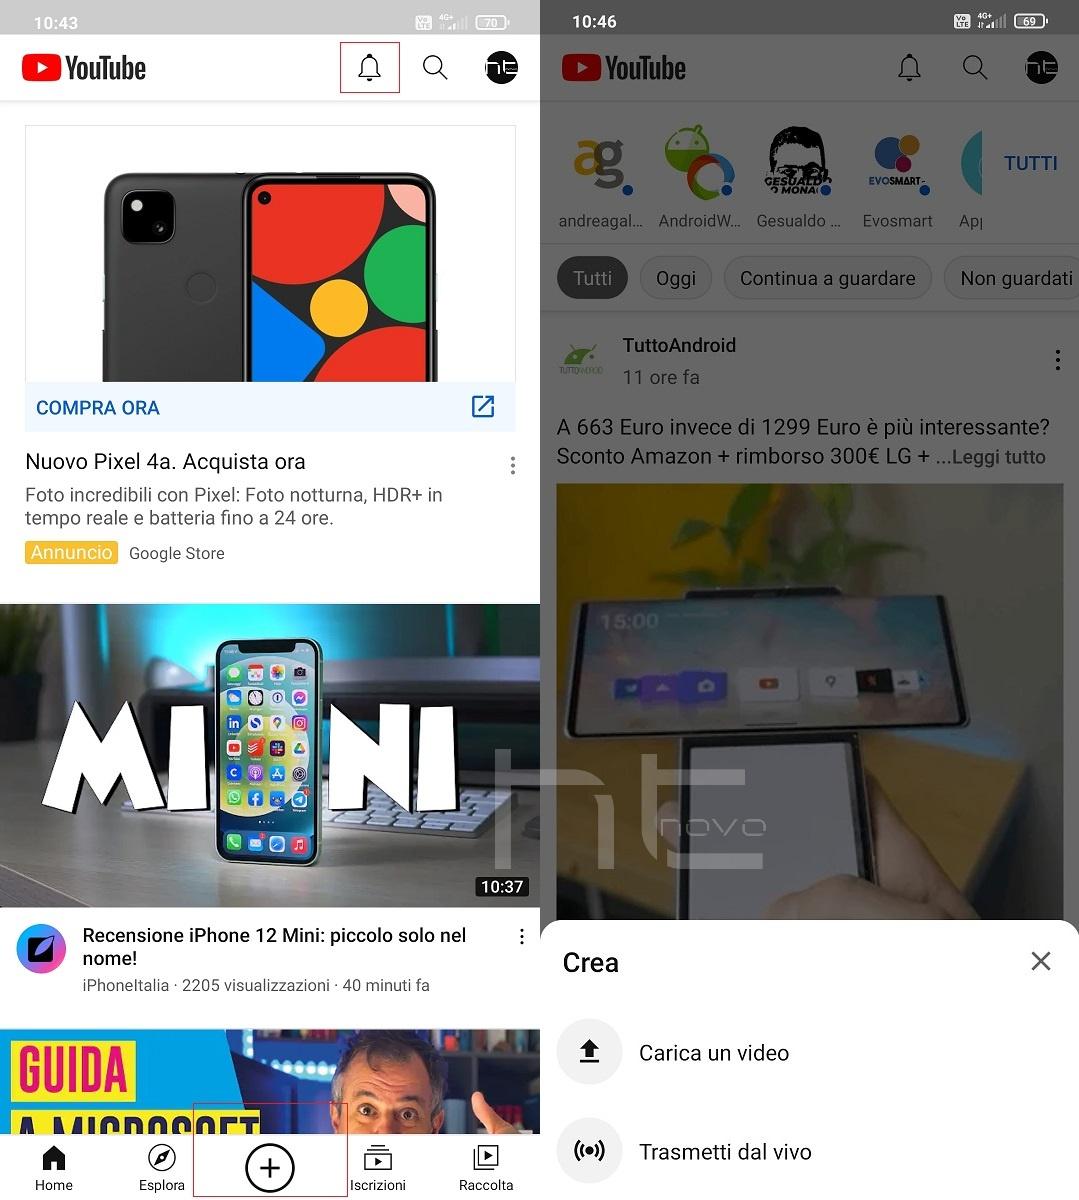 Adesso YouTube ti invita con decisione a creare e caricare i tuoi video